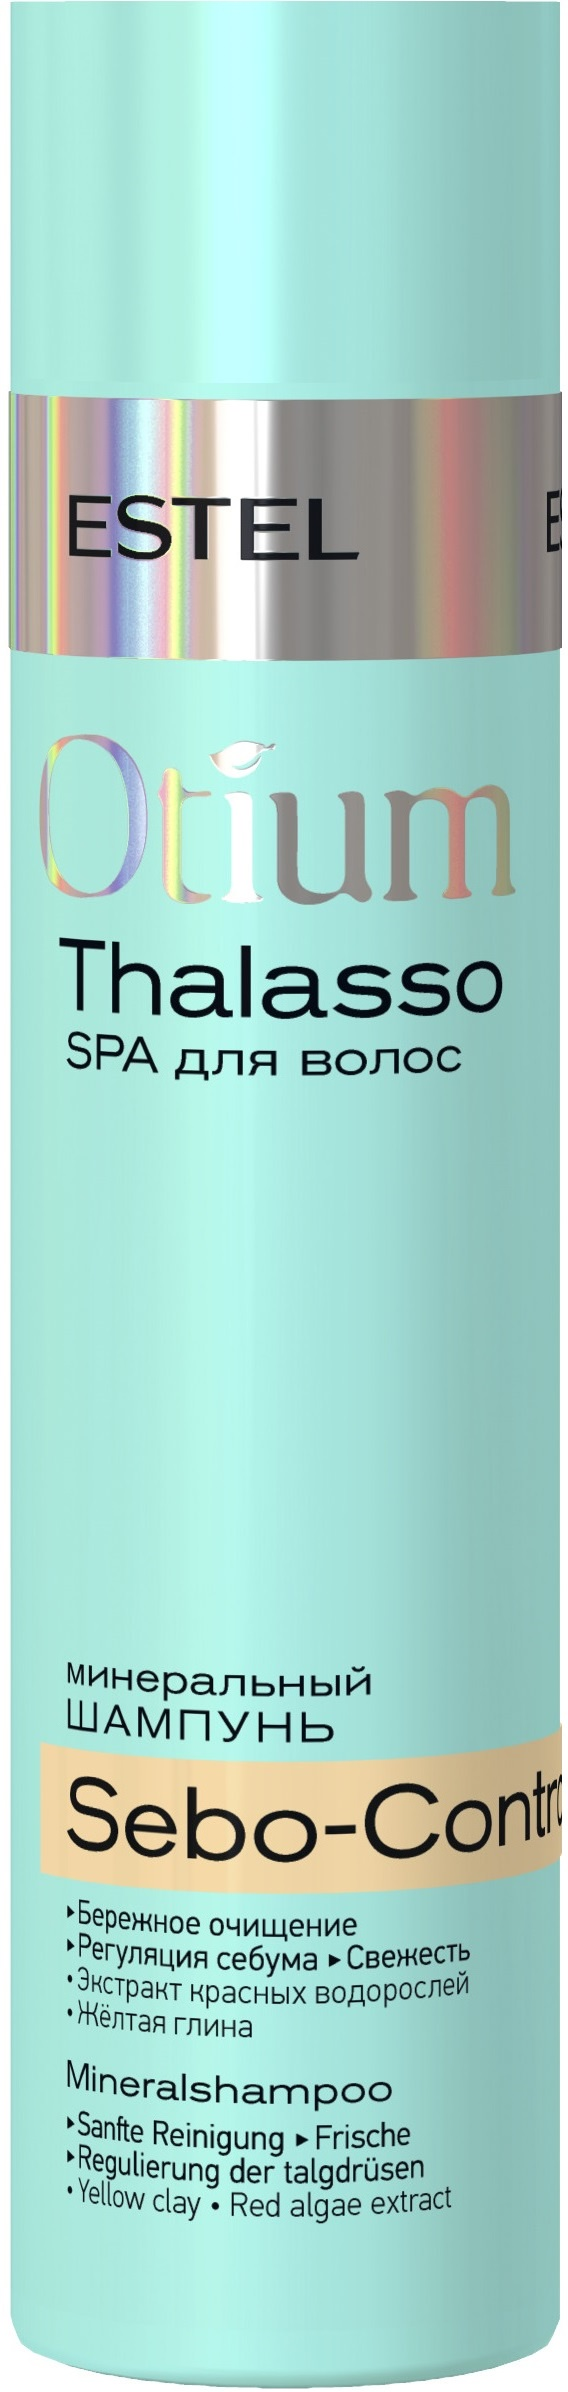 Шампунь для волос ESTEL PROFESSIONAL OTIUM THALASSO SPA для волос минеральный sebo-control 250 мл estel professional шампунь активатор стимулирующий рост волос otium unique 250мл